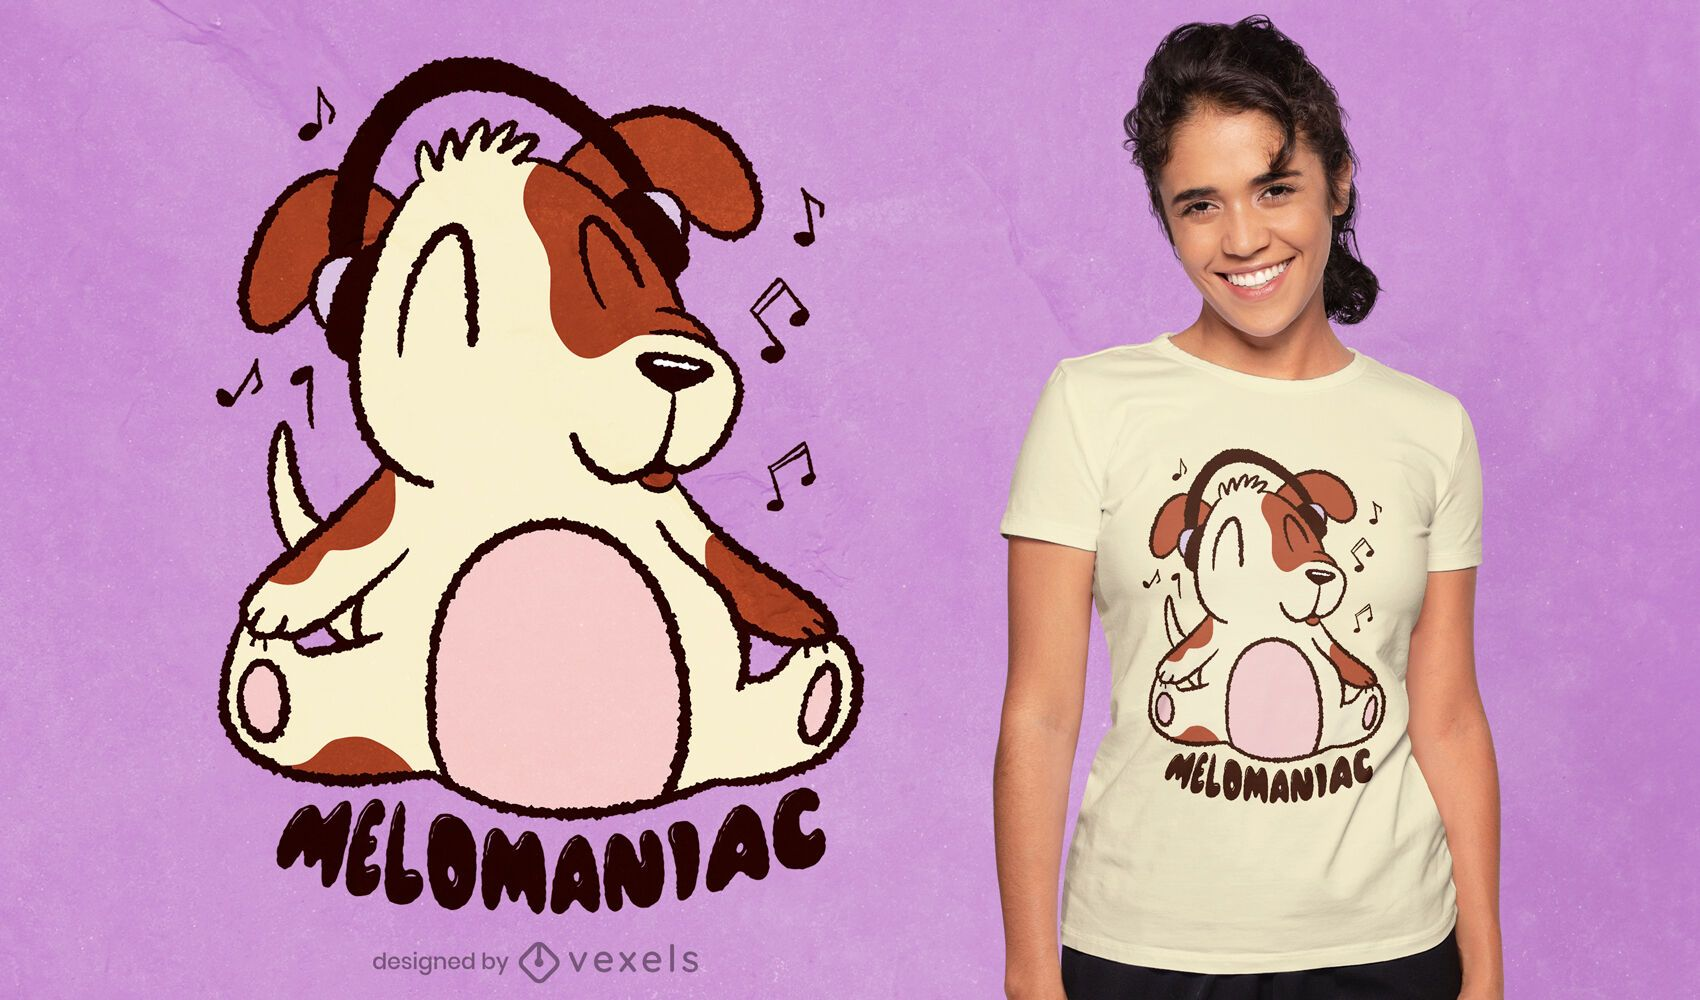 Dog with headphones cartoon t-shirt design